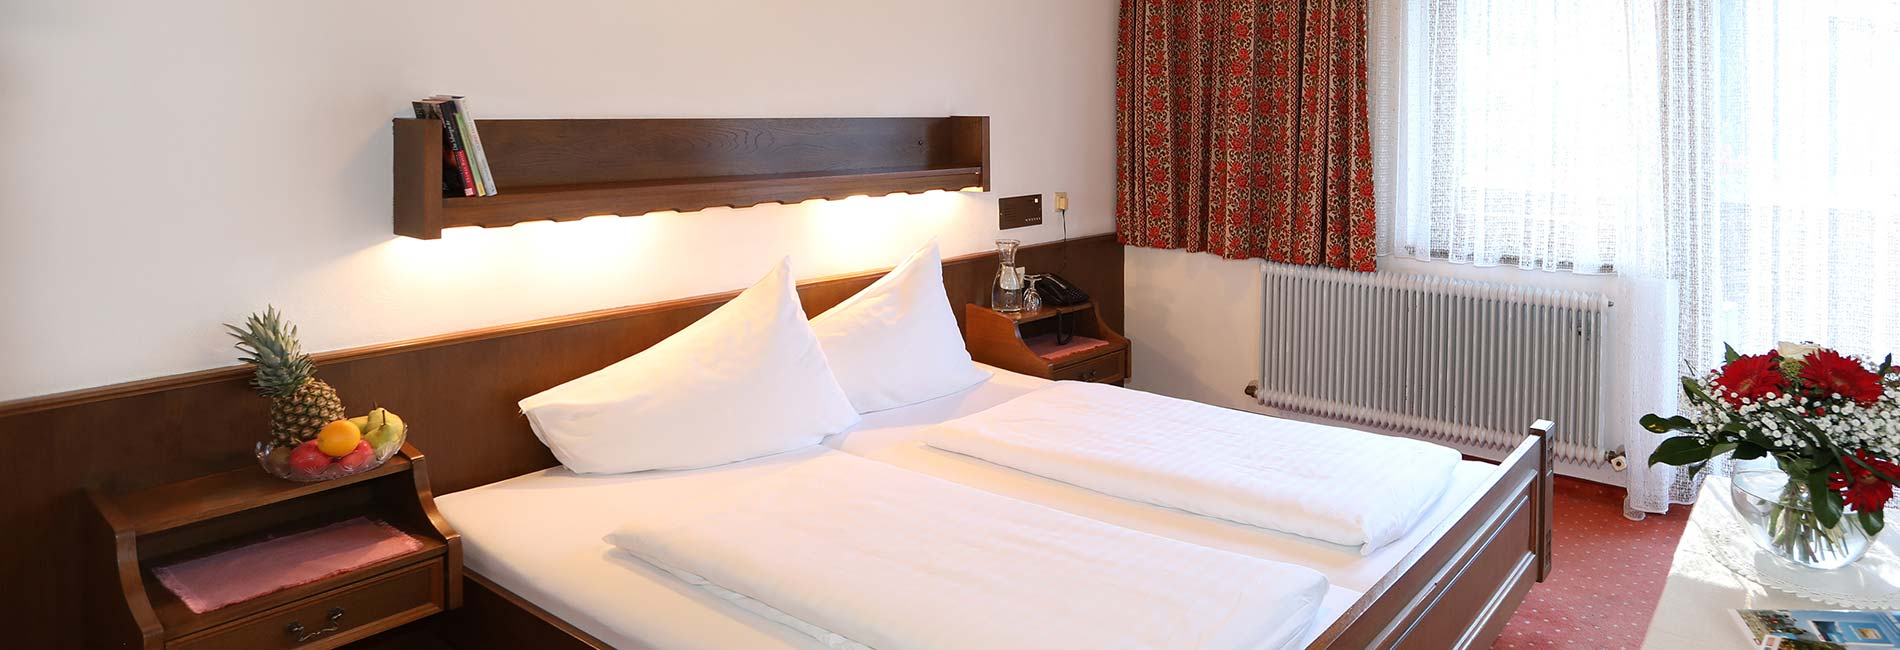 Bauernhof Hotel Almhof Urlaub in Neustift Hotel in Milders Tirol